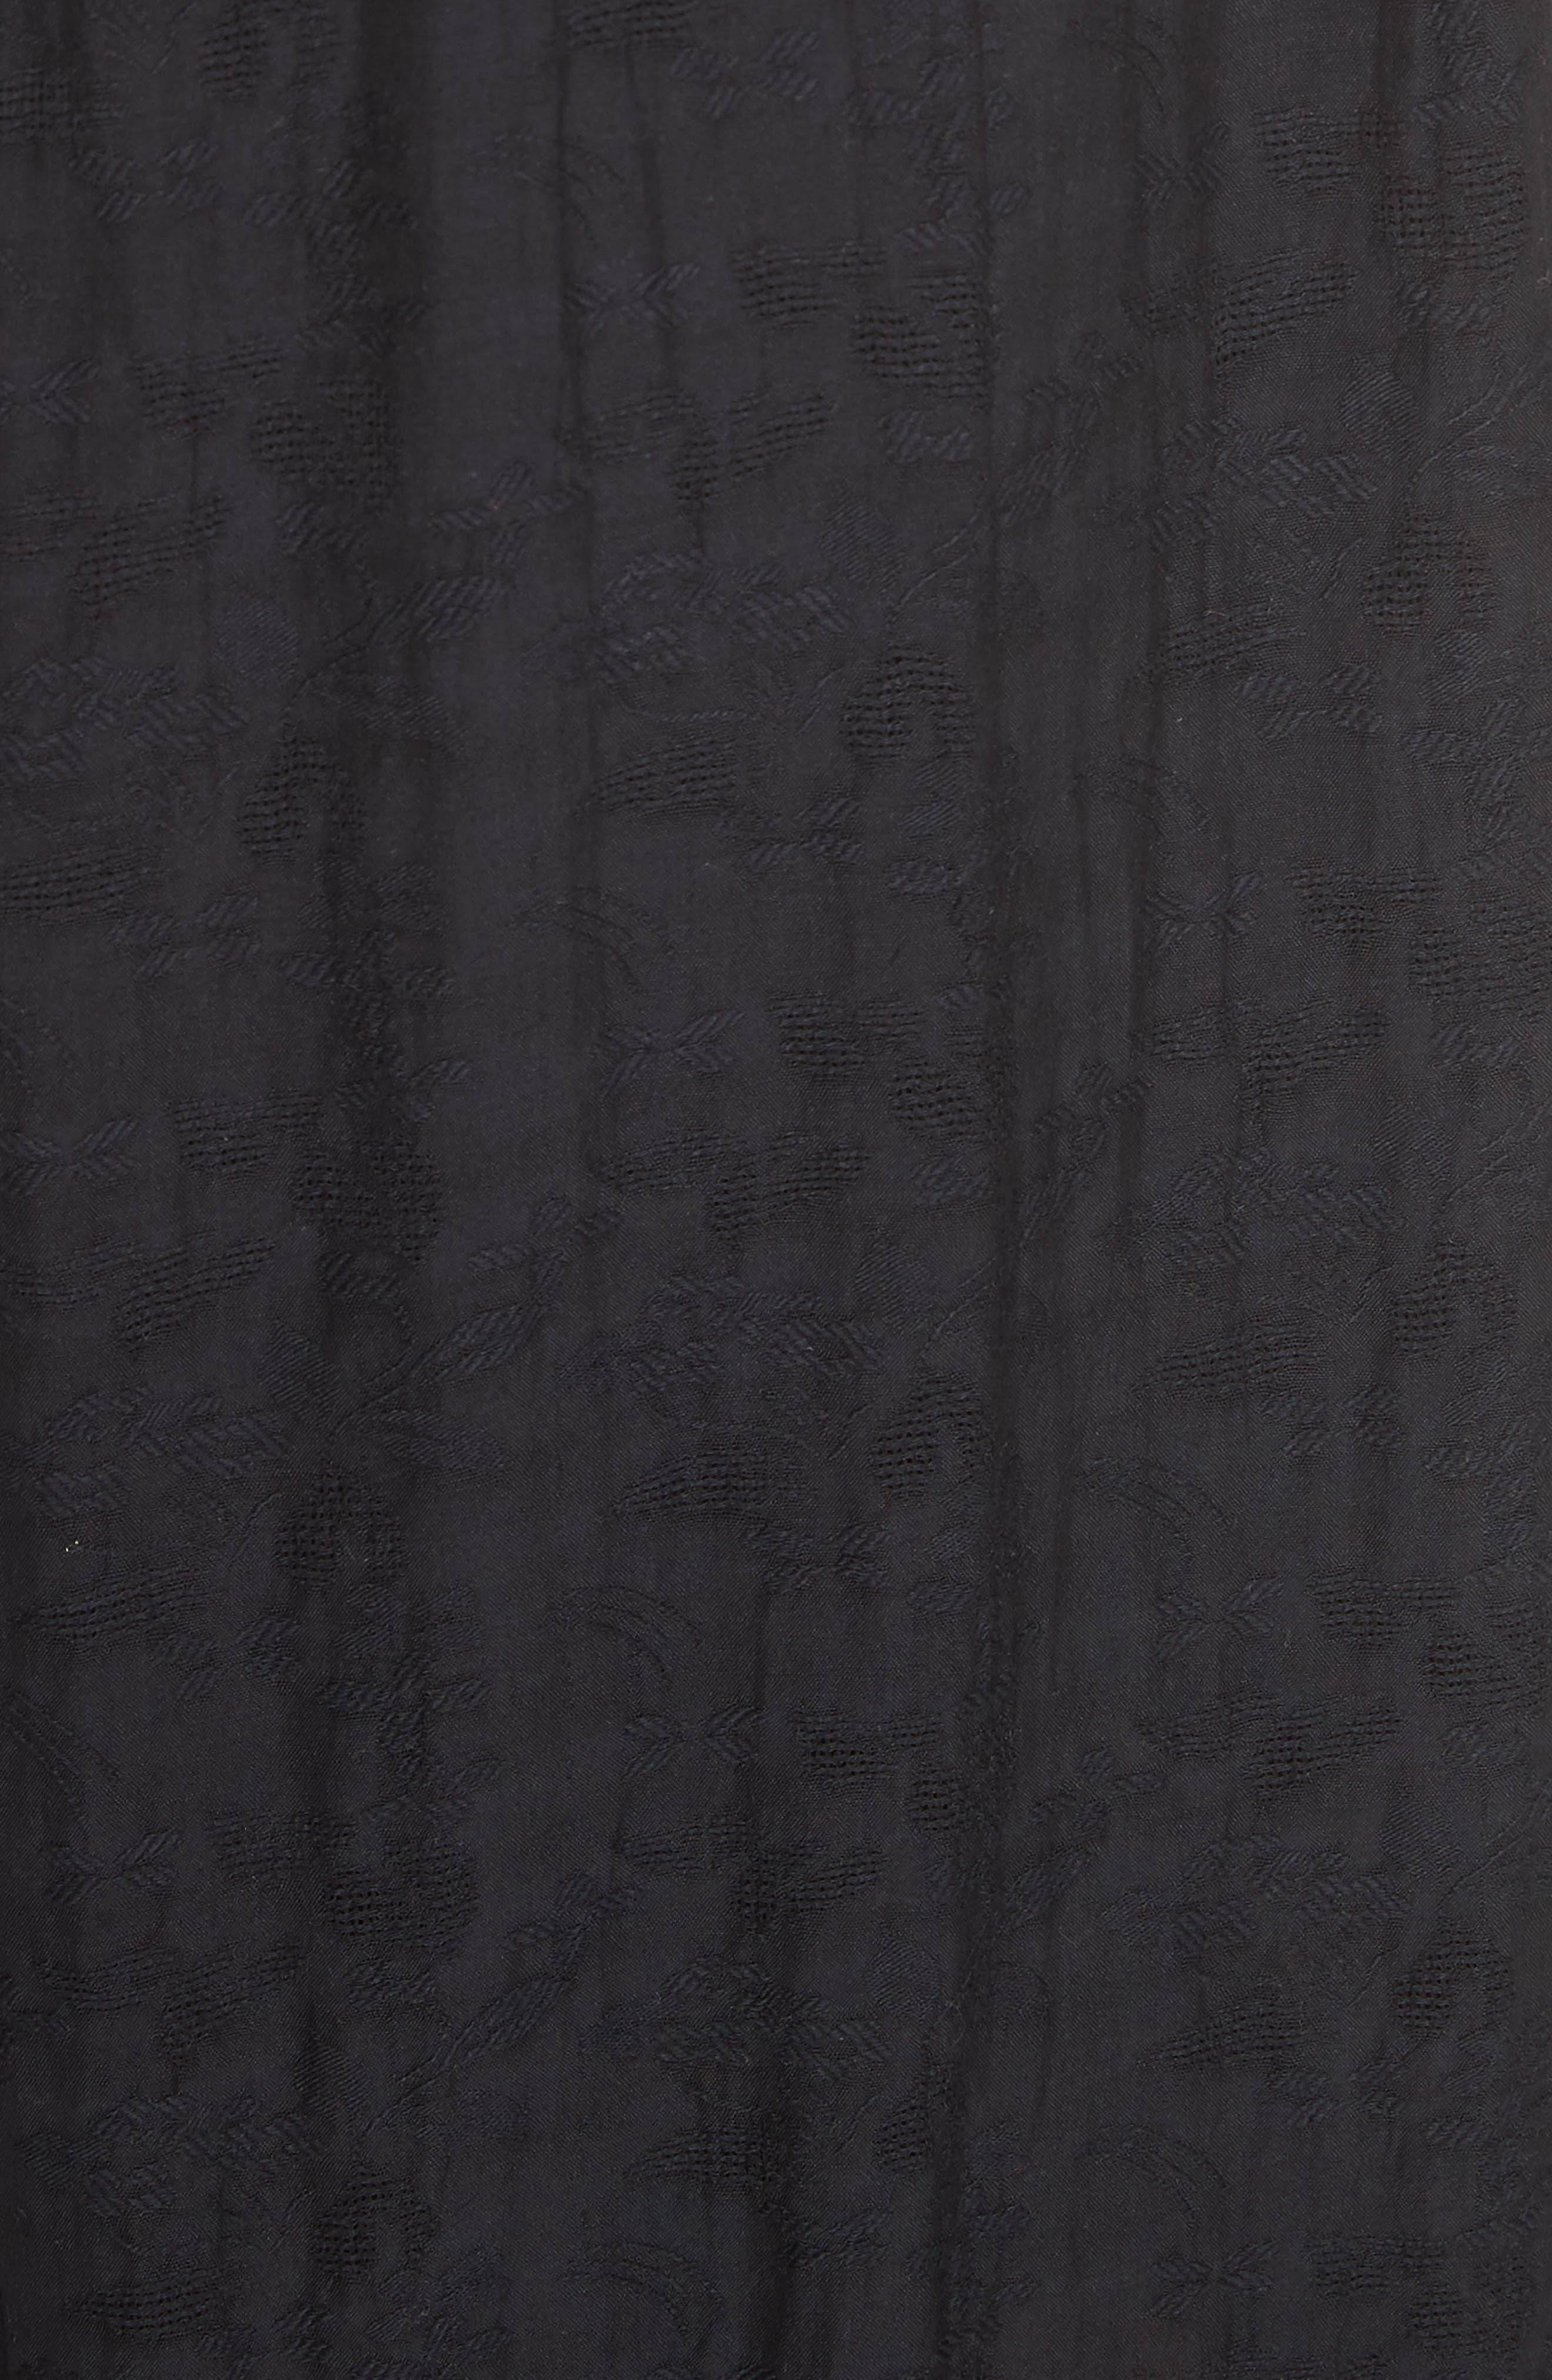 Rosebud Top & Skirt,                             Alternate thumbnail 5, color,                             Black Combo